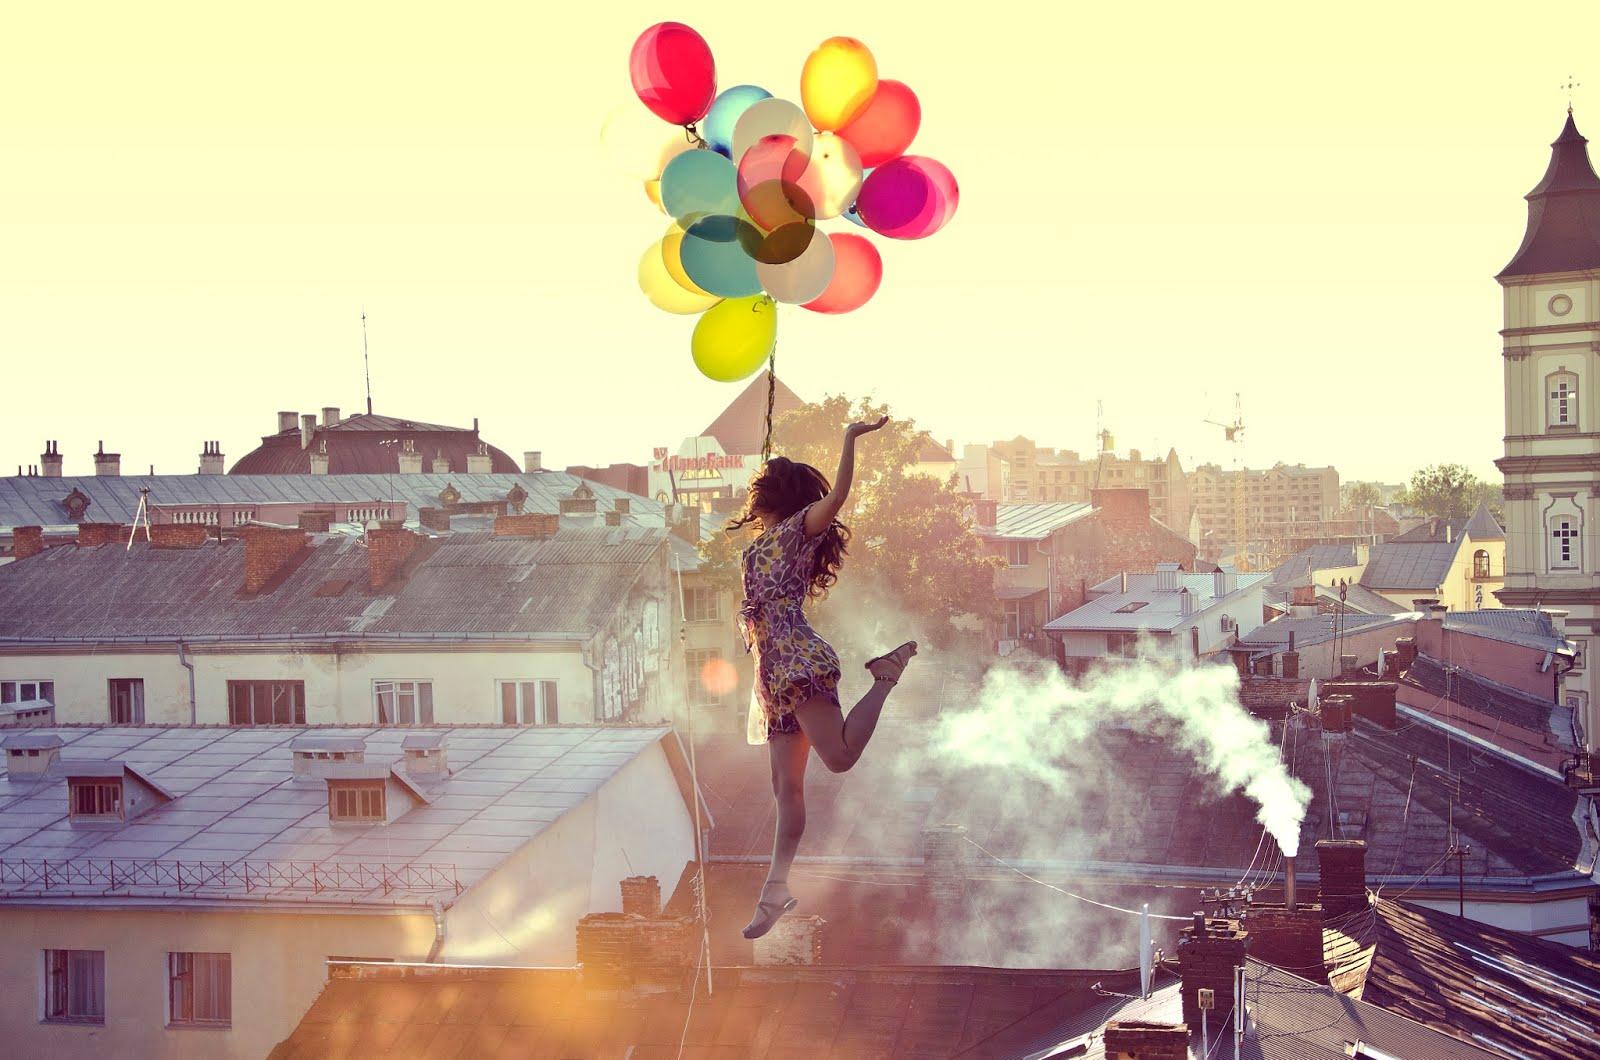 Хамтдаа мөрөөдлөө биелүүлцгээе